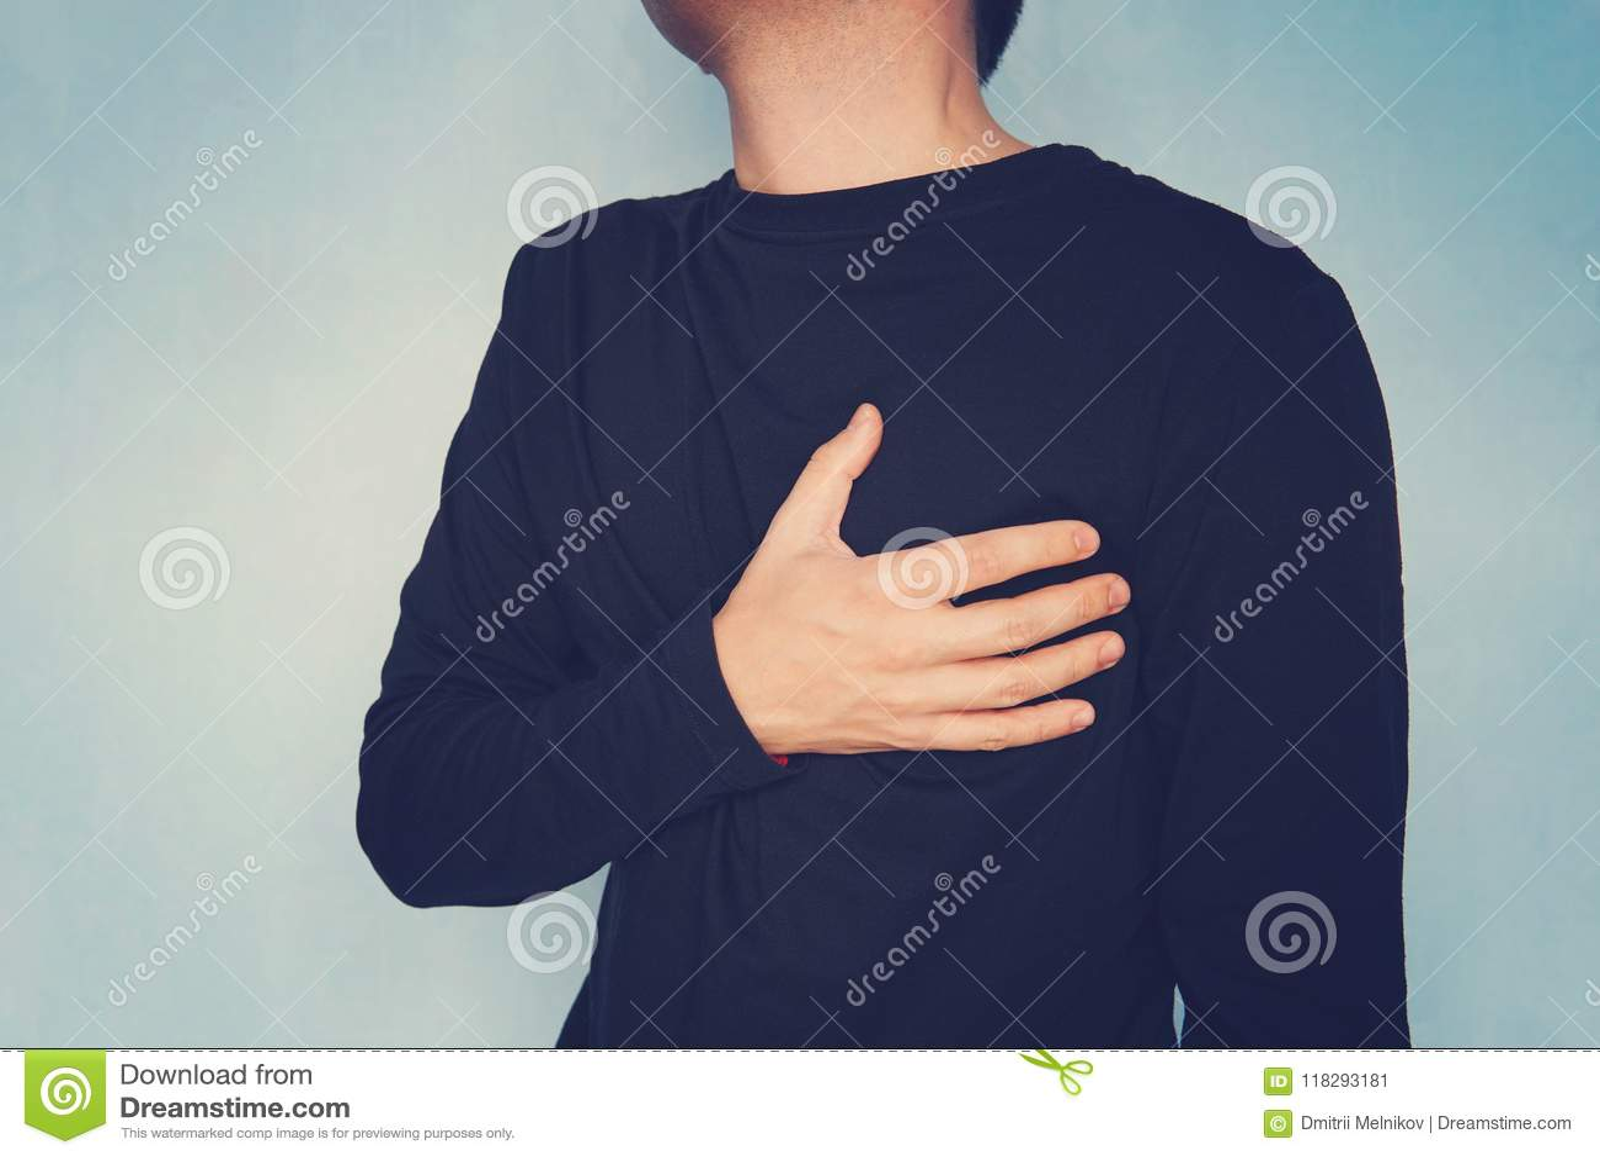 心伤,遭受胸口痛的人,有心脏病发作或痛苦的抽疯,按在胸口与痛苦的表示